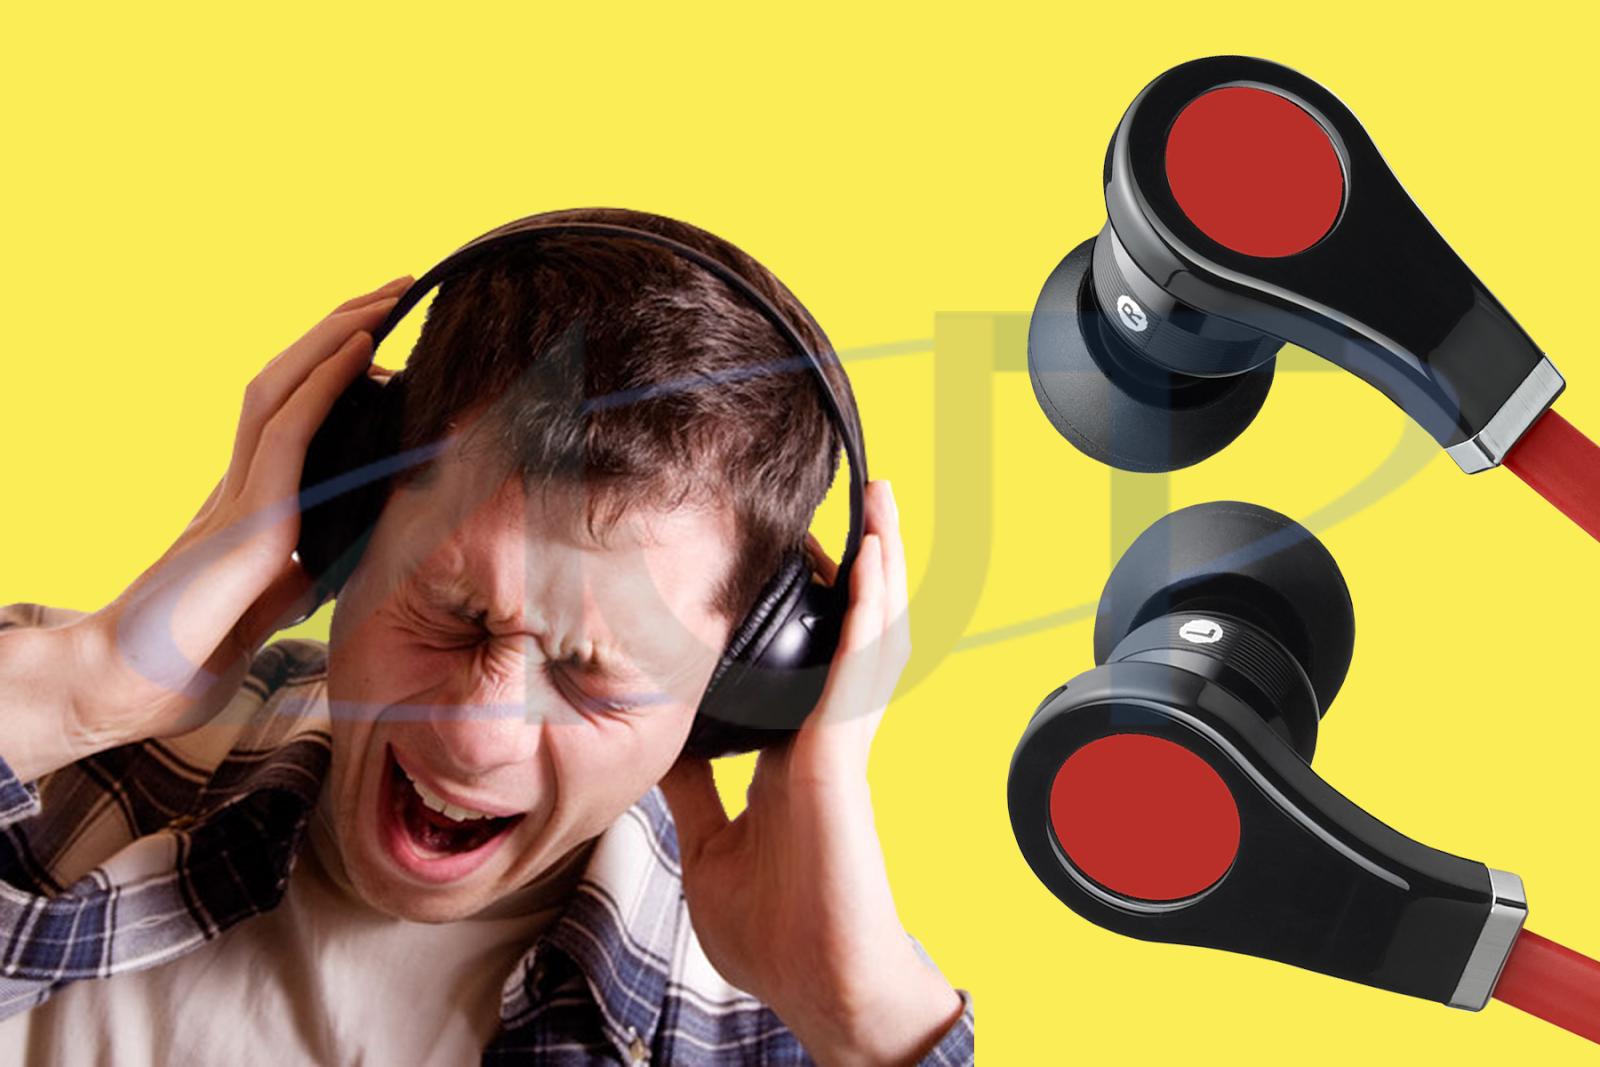 Bahaya Menggunakan Earphone/Headphone Terlalu Berlebihan